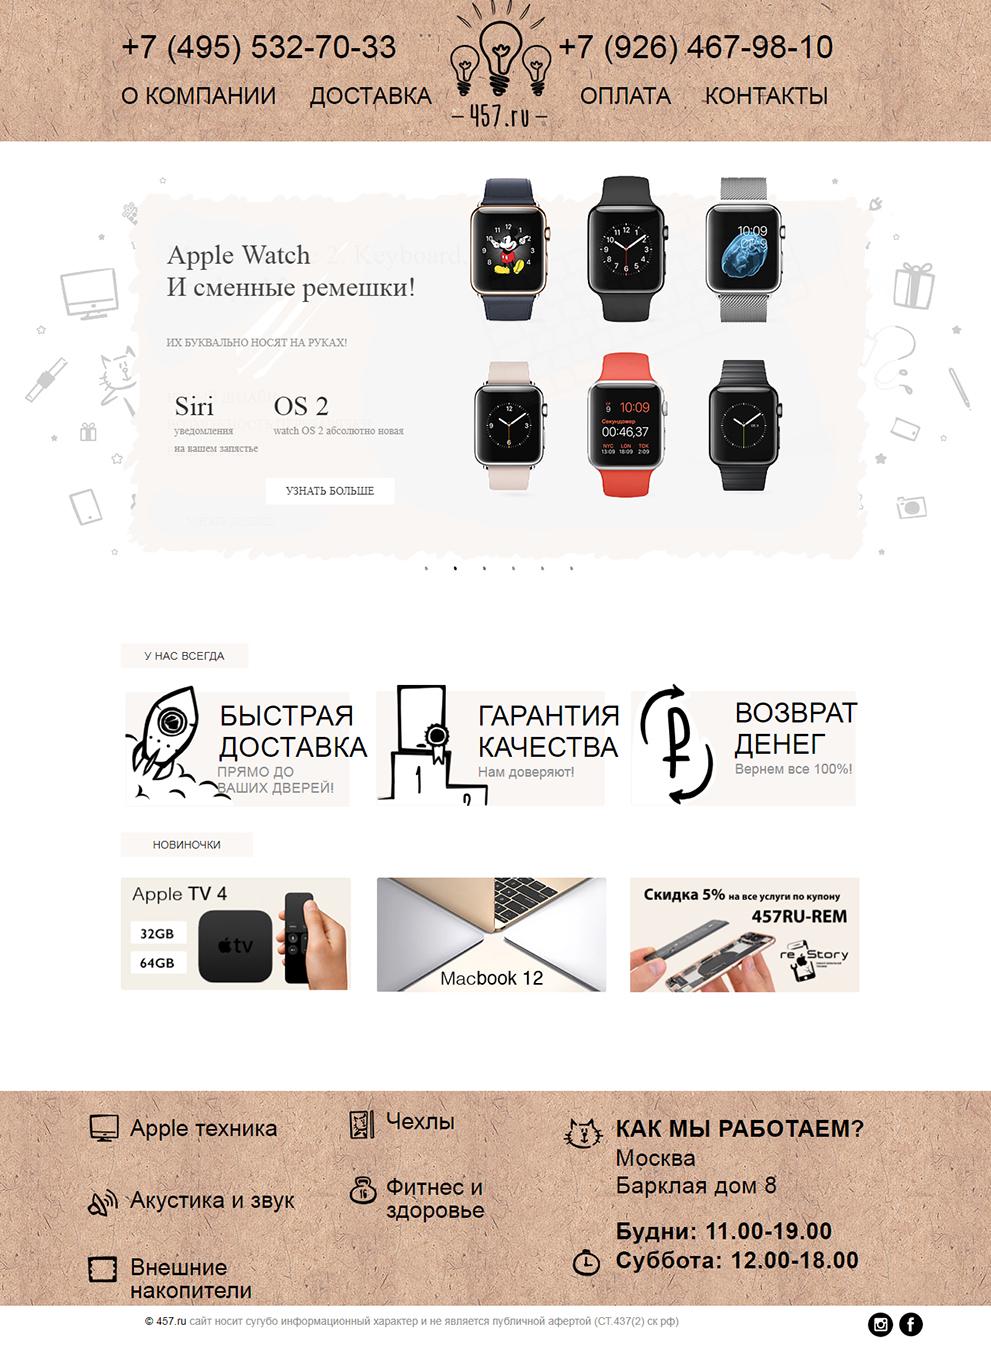 Разработка интернет-магазина Apple техники